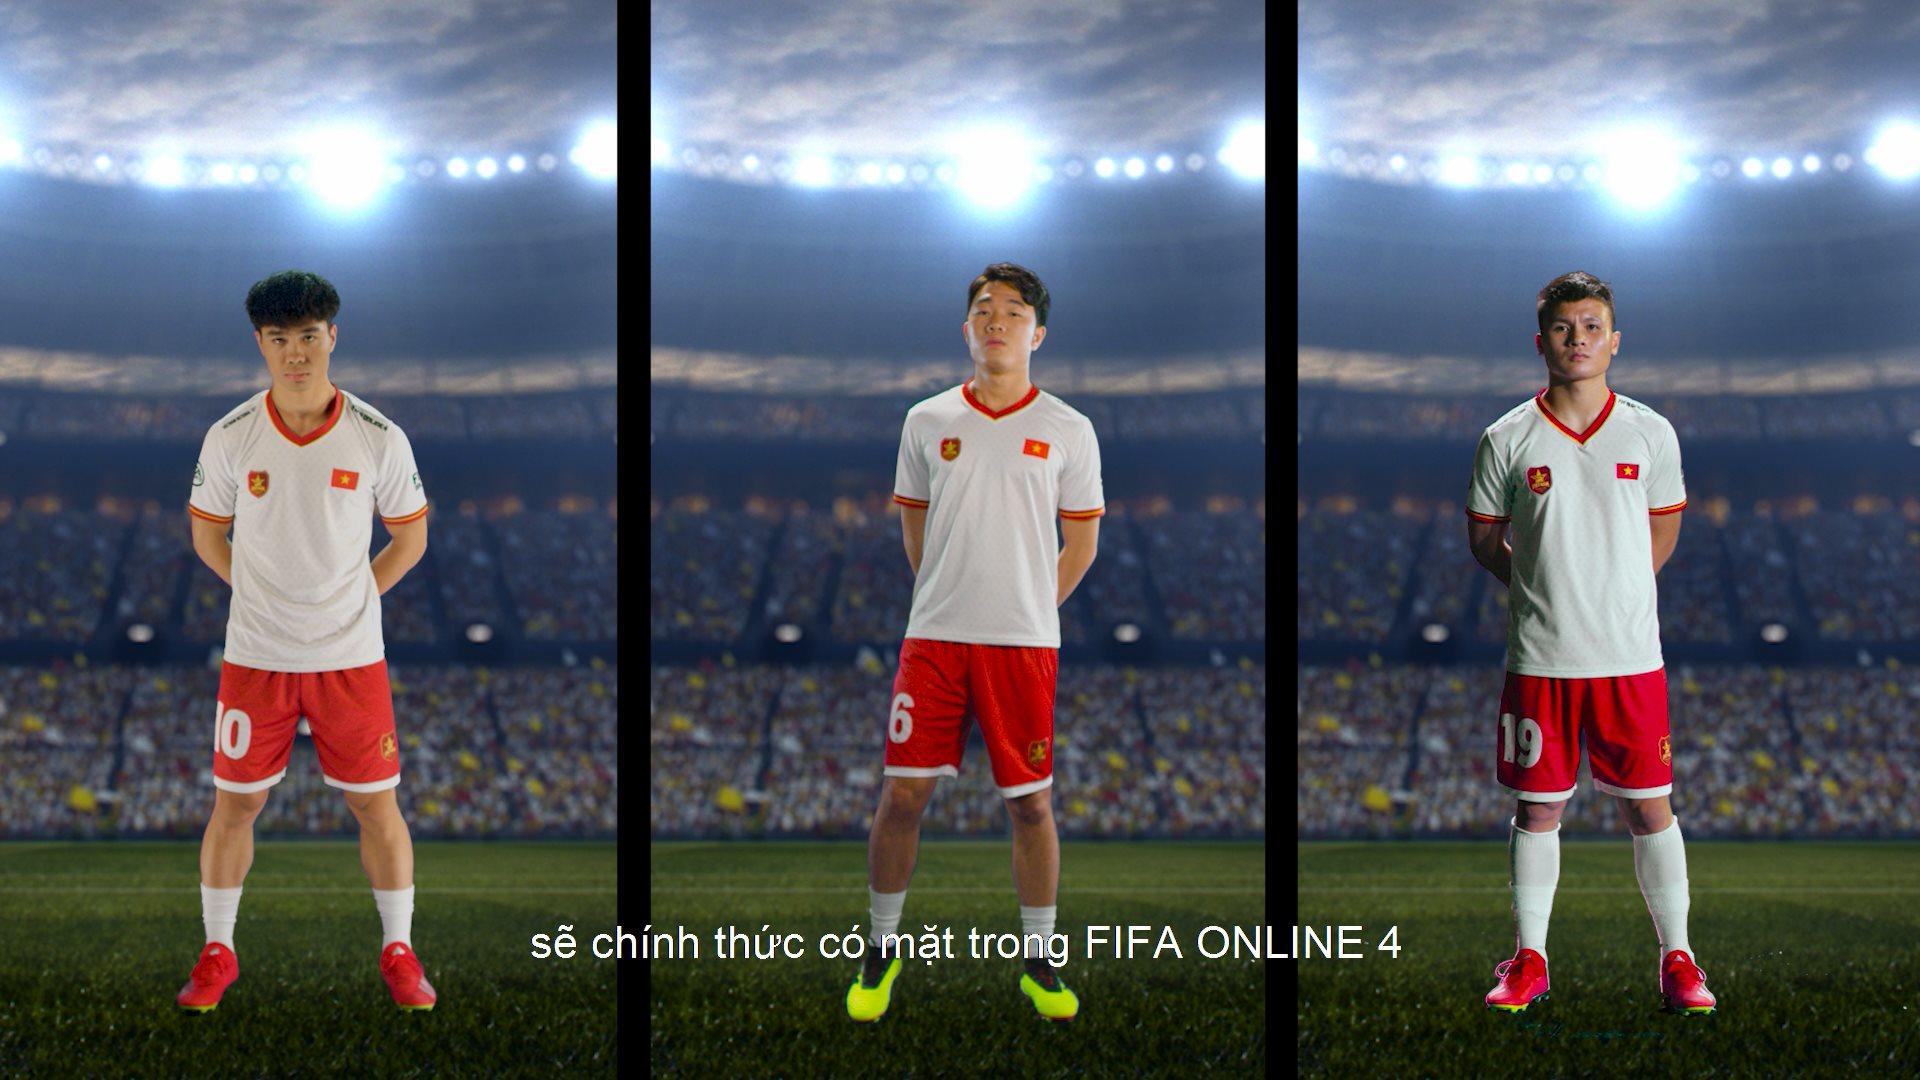 Quang Hải - Xuân Trường - Công Phượng chính thức góp mặt trong FIFA Online 4 Việt Nam - Ảnh 1.